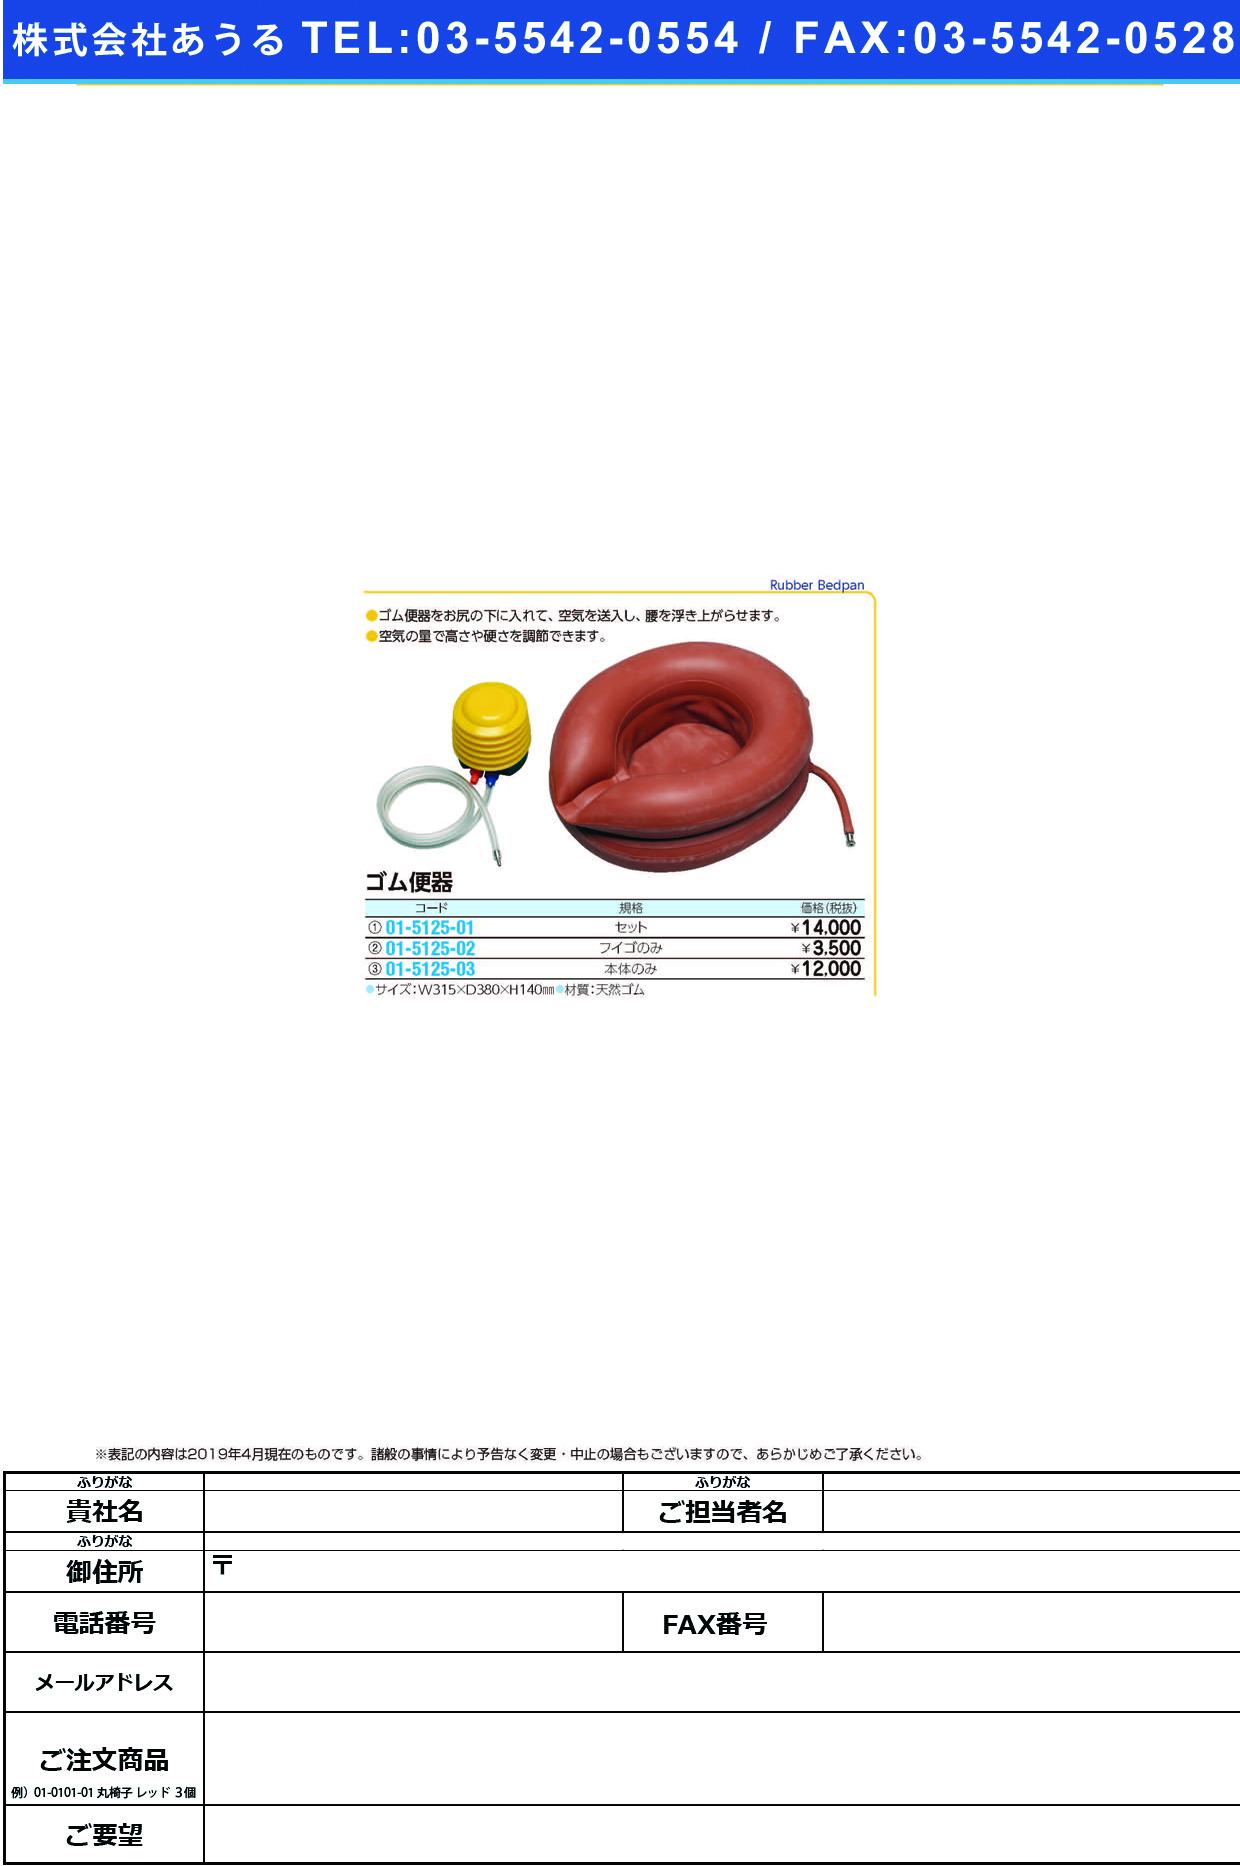 (01-5125-02)ゴム便器用フイゴのみ  ゴムベンキヨウフイゴノミ【1個単位】【2019年カタログ商品】